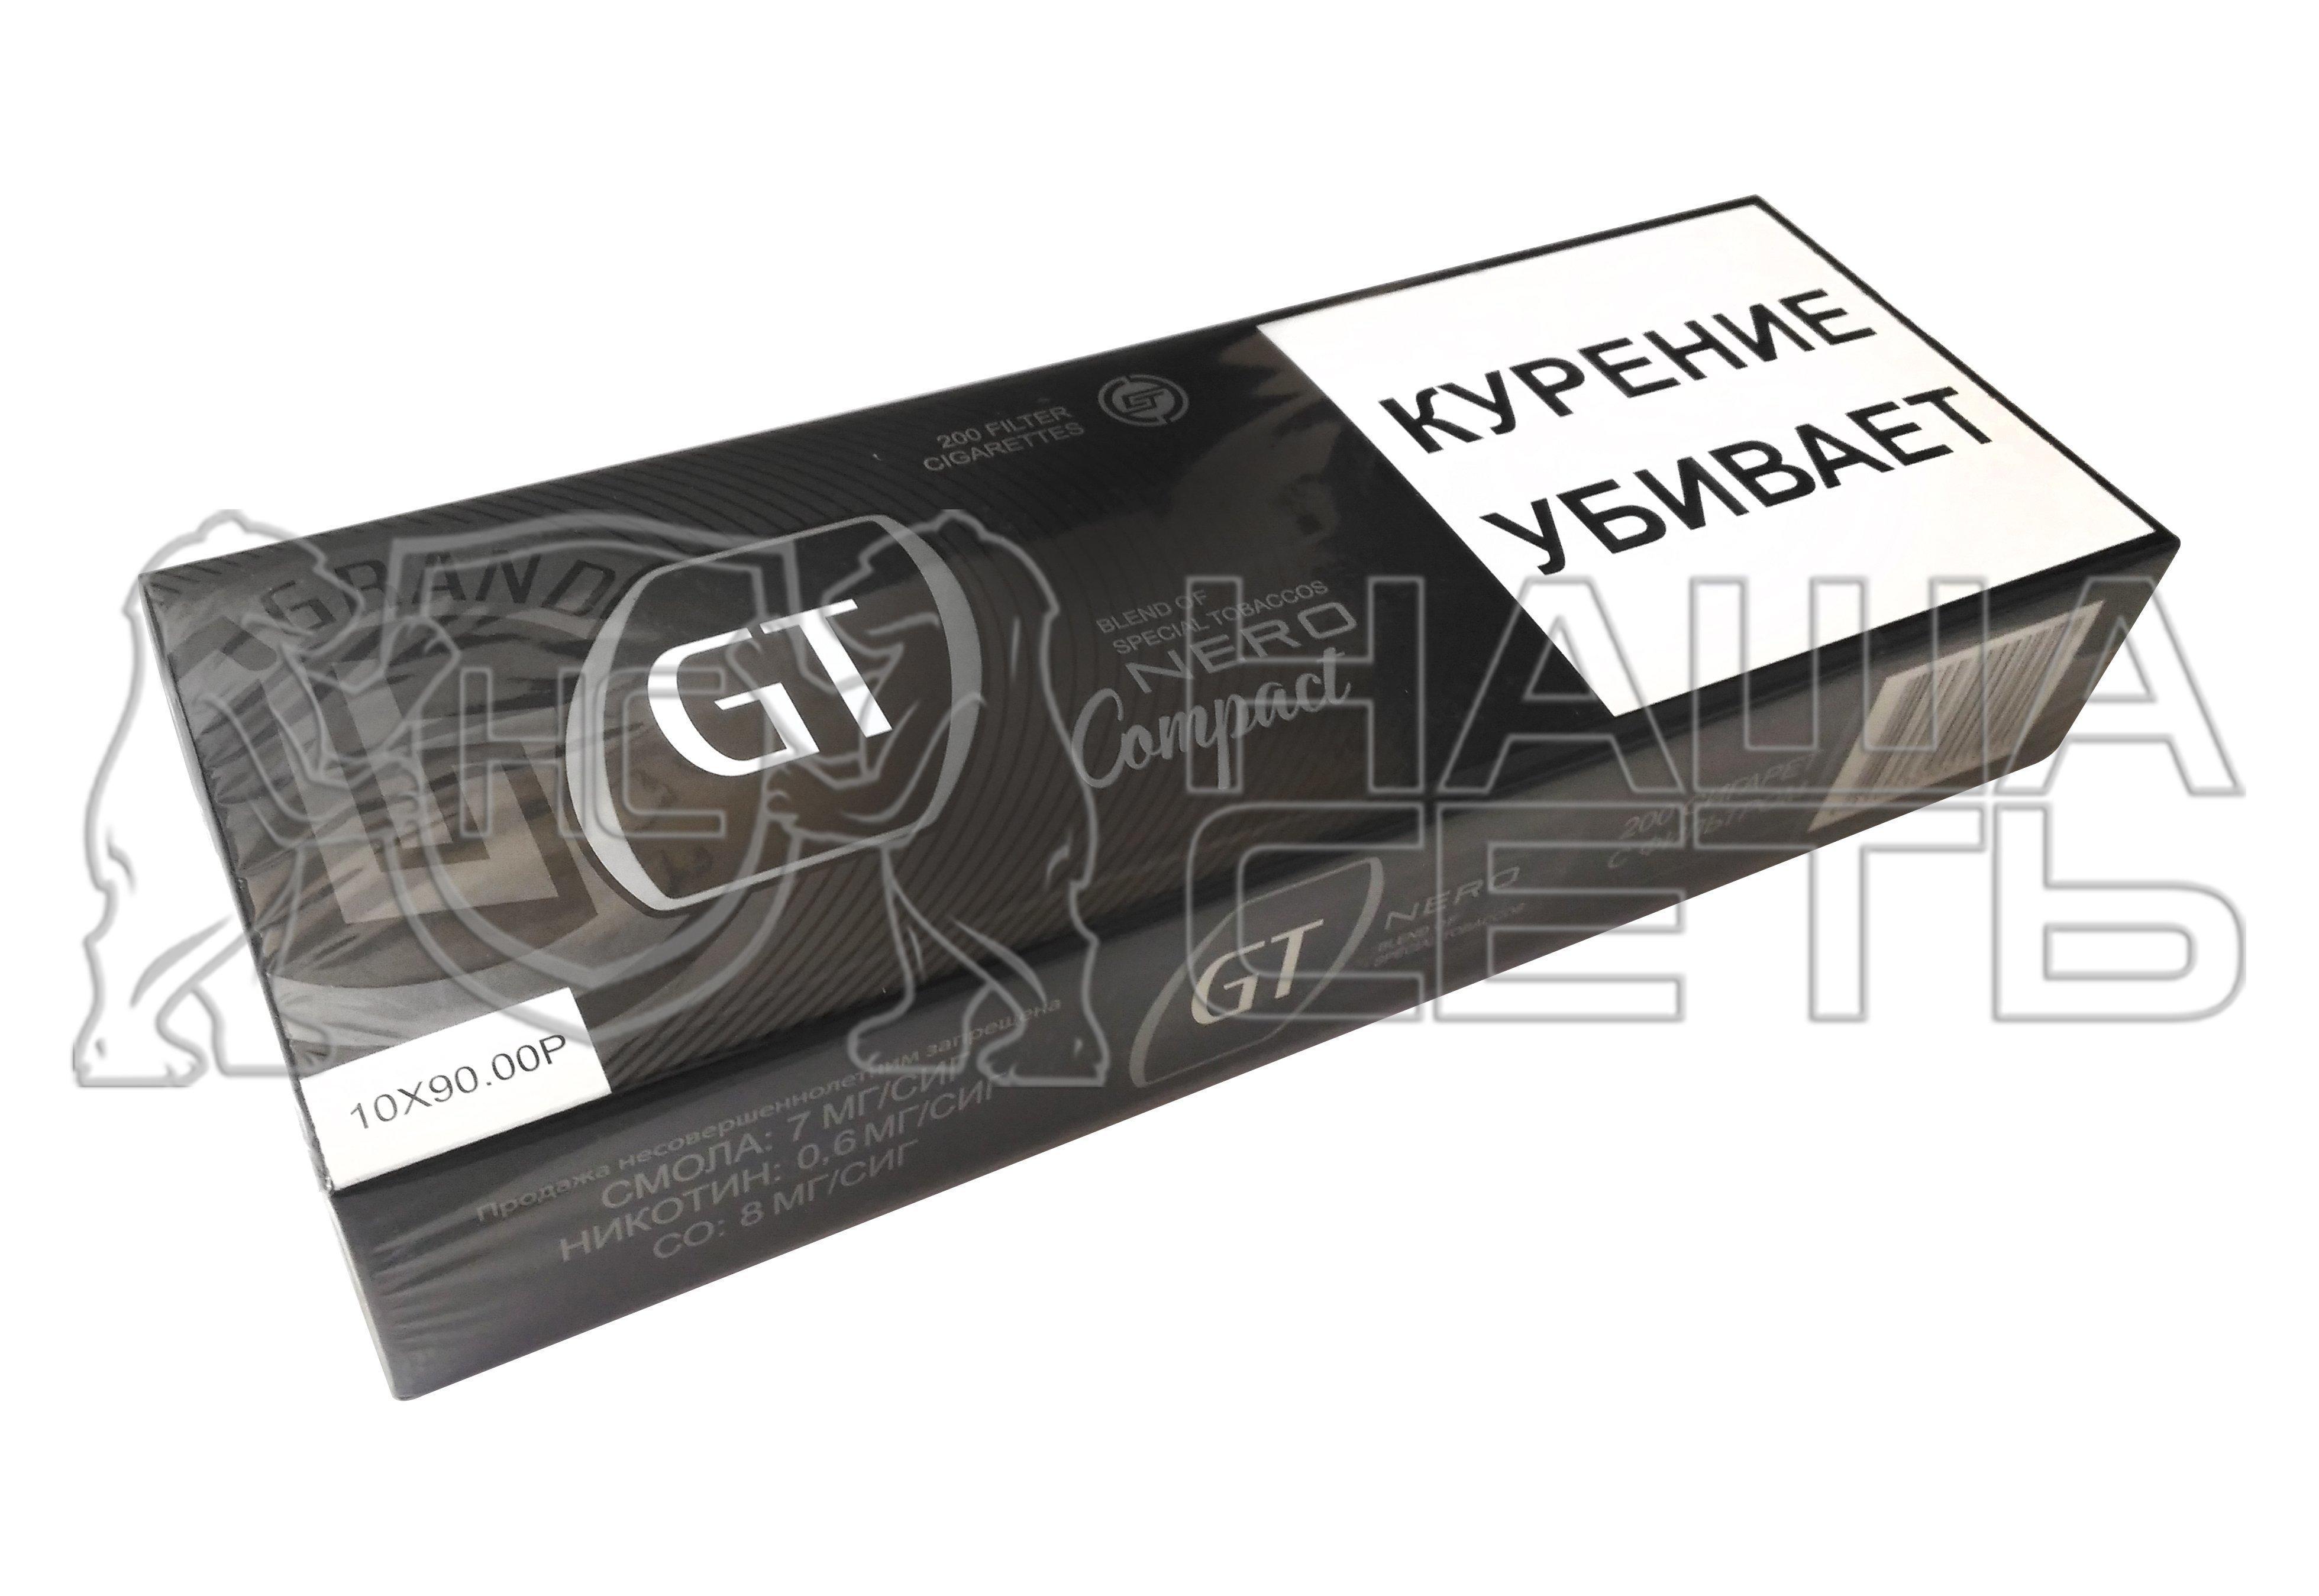 Gt nero сигареты купить куплю оптом сигареты украина